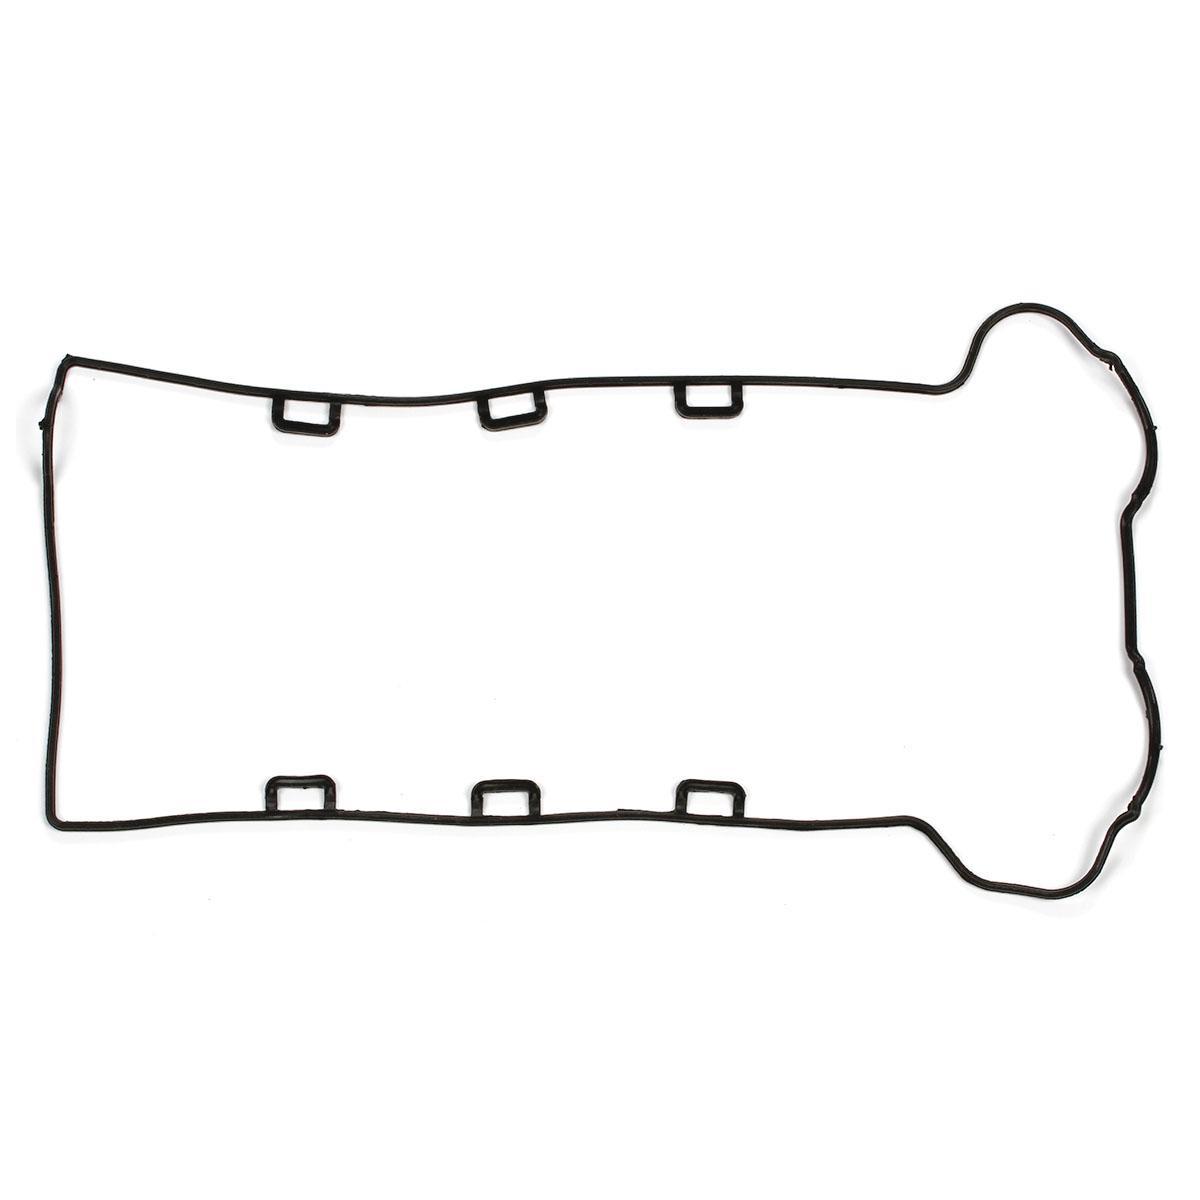 For 02-06 GMC Chevrolet Saturn 2.2L Cylinder Head Gasket kit